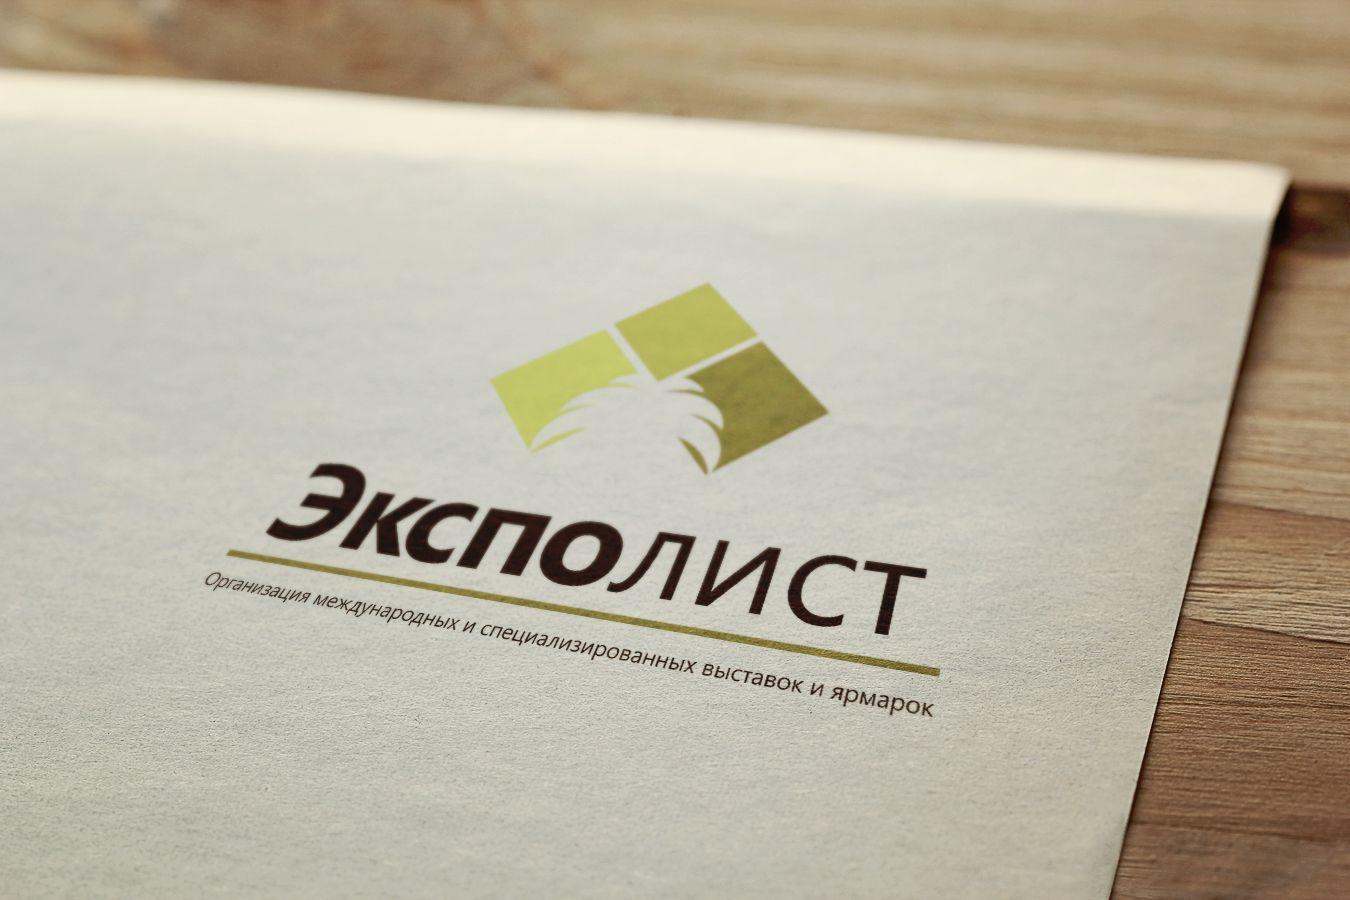 Логотип выставочной компании Эксполист - дизайнер Lepata